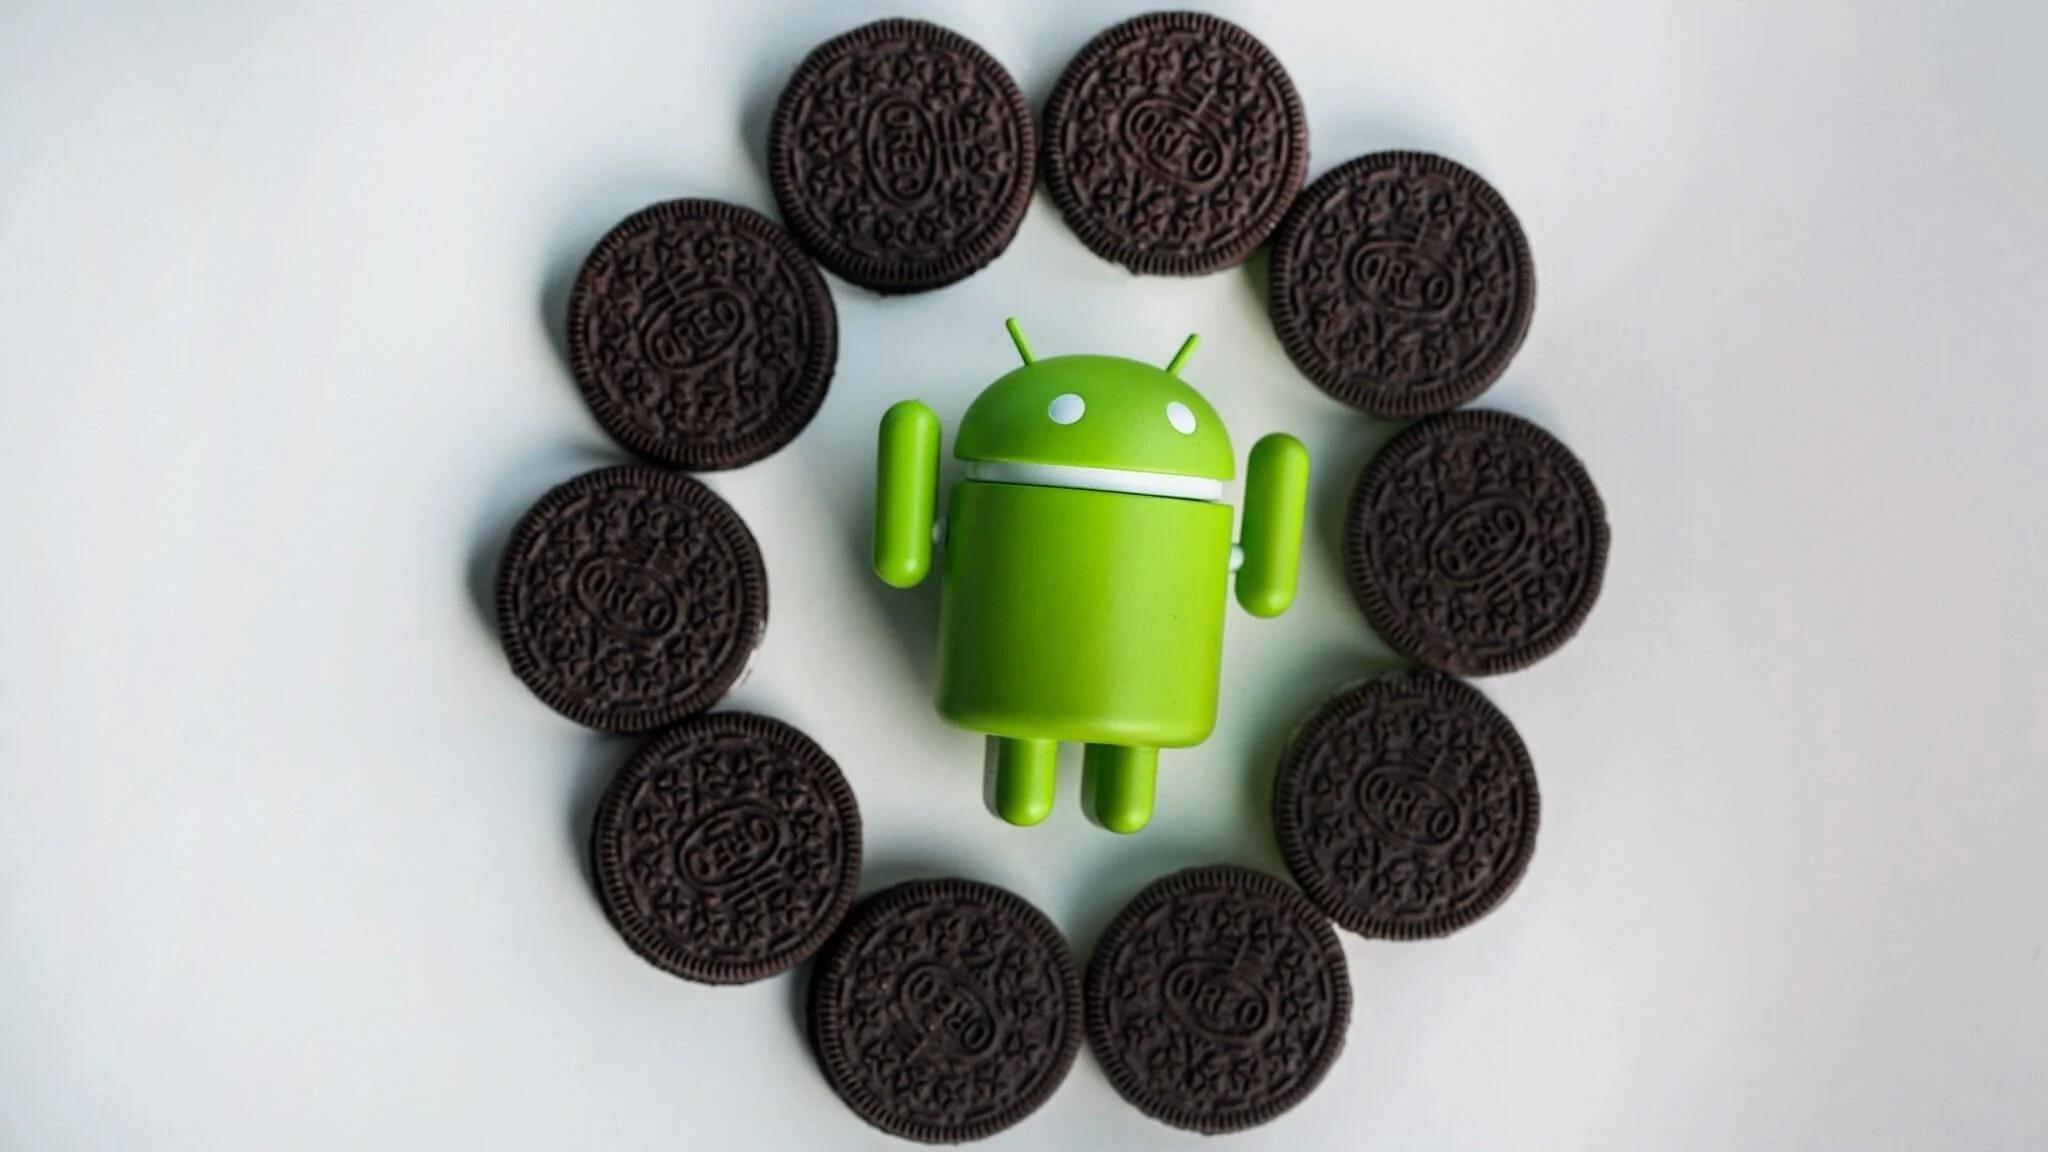 AndroidPIT android O Oreo 2094 - Alguém disse Oreo? Android 8.0 pode vir com novidades em Inteligência Artificial; confira!